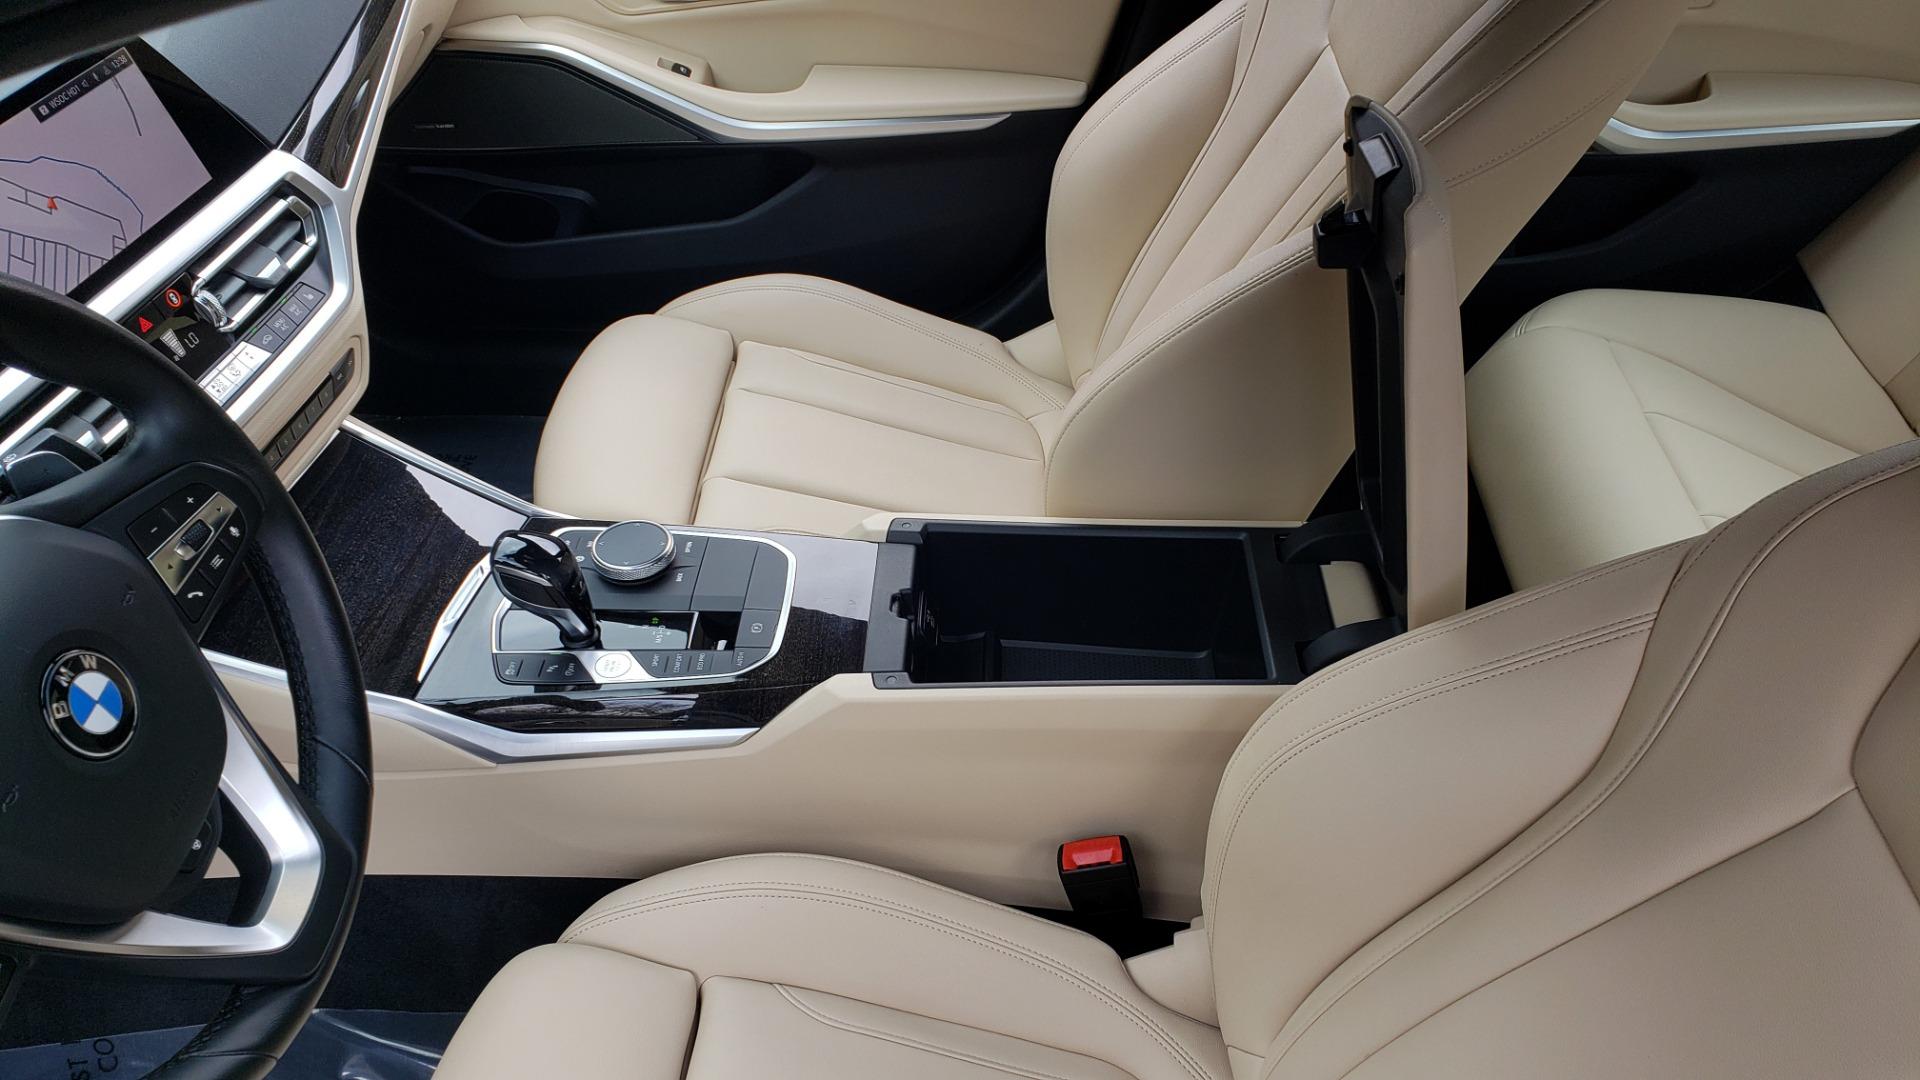 Used 2019 BMW 3 SERIES 330I PREM PKG / NAV / CONV PKG / H&K SND / LIVE COCKPIT PRO for sale Sold at Formula Imports in Charlotte NC 28227 59